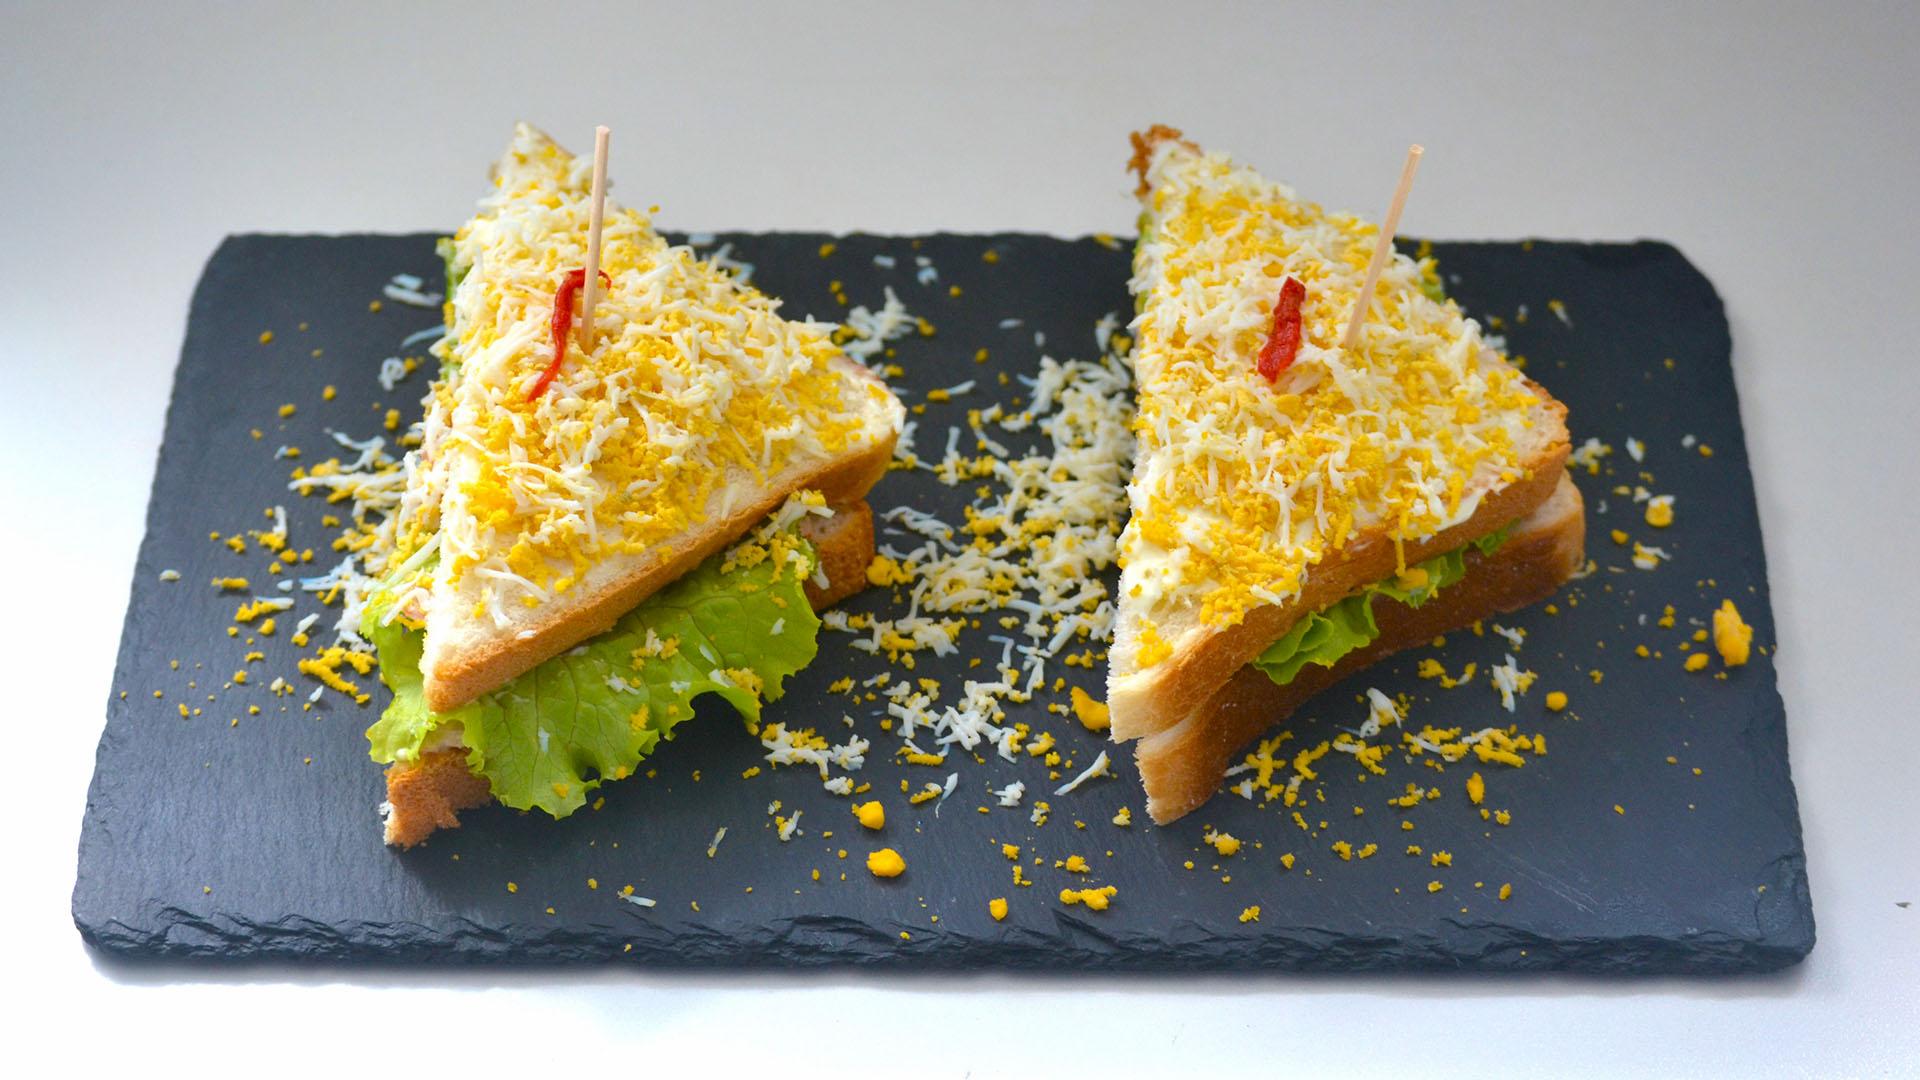 Menú del Restaurante, Sandwiches